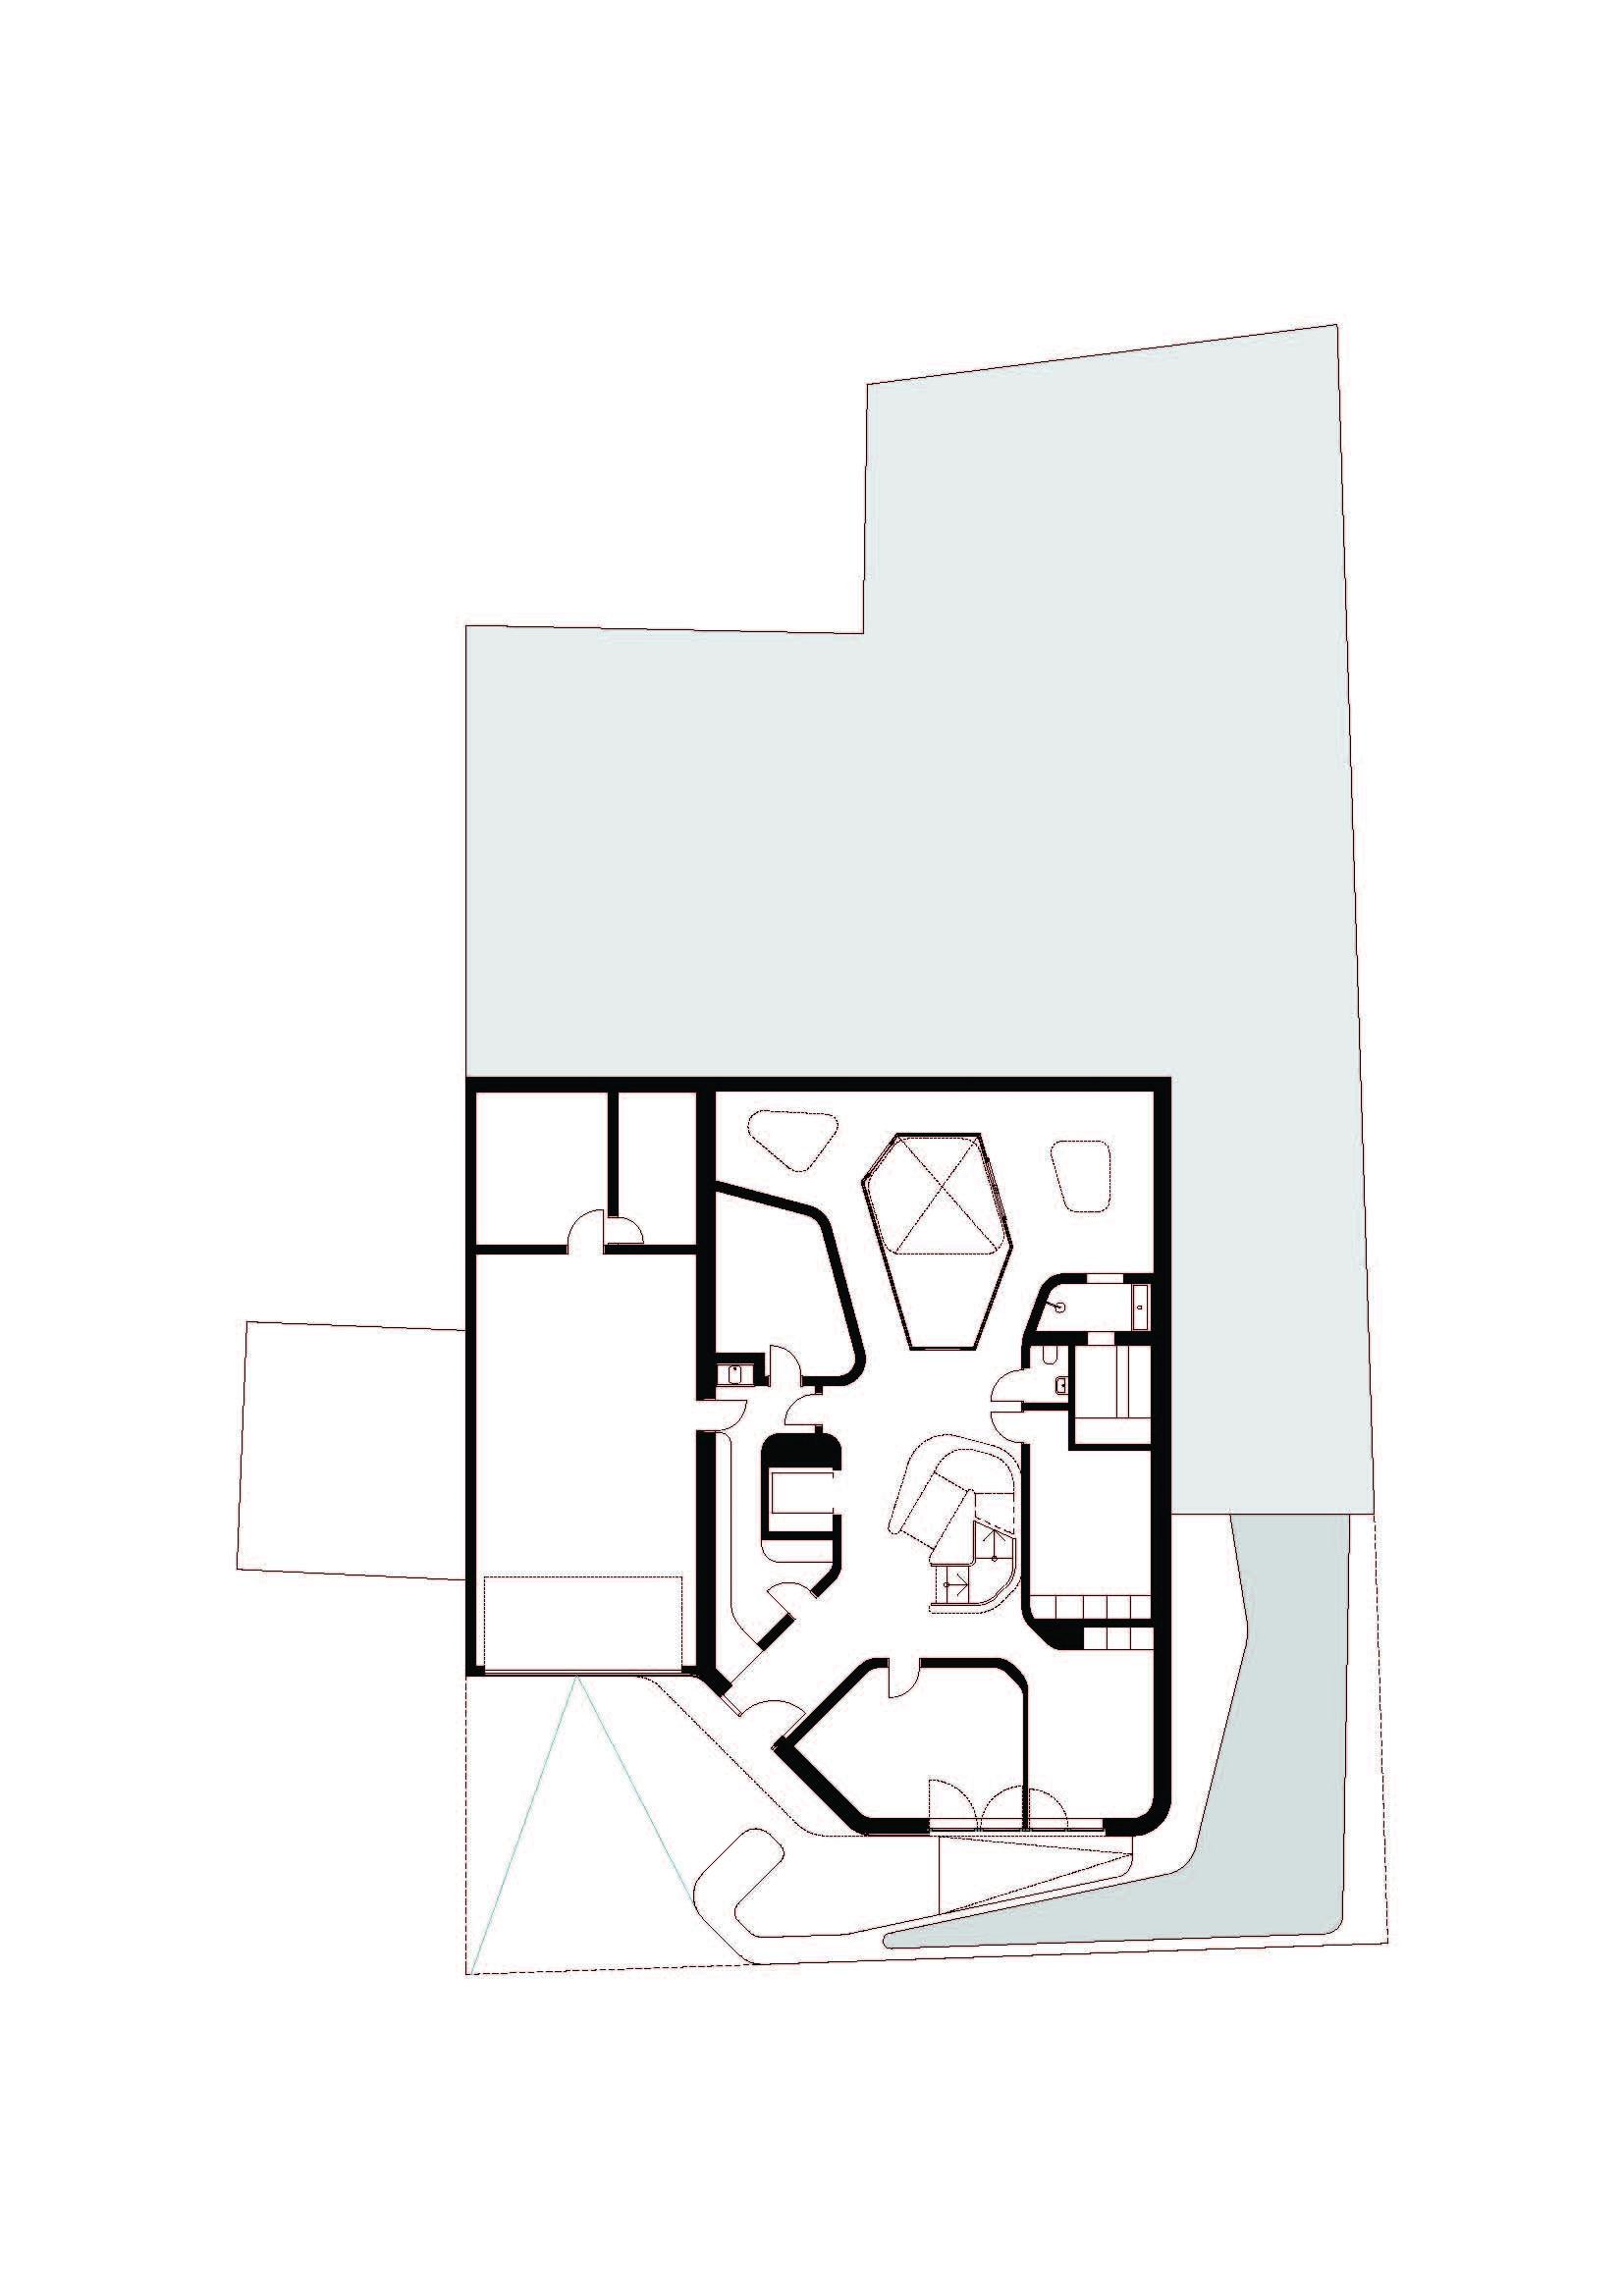 Plans d'étage – Maison OLS – Stuttgart, Bade-Wurtemberg, Allemagne